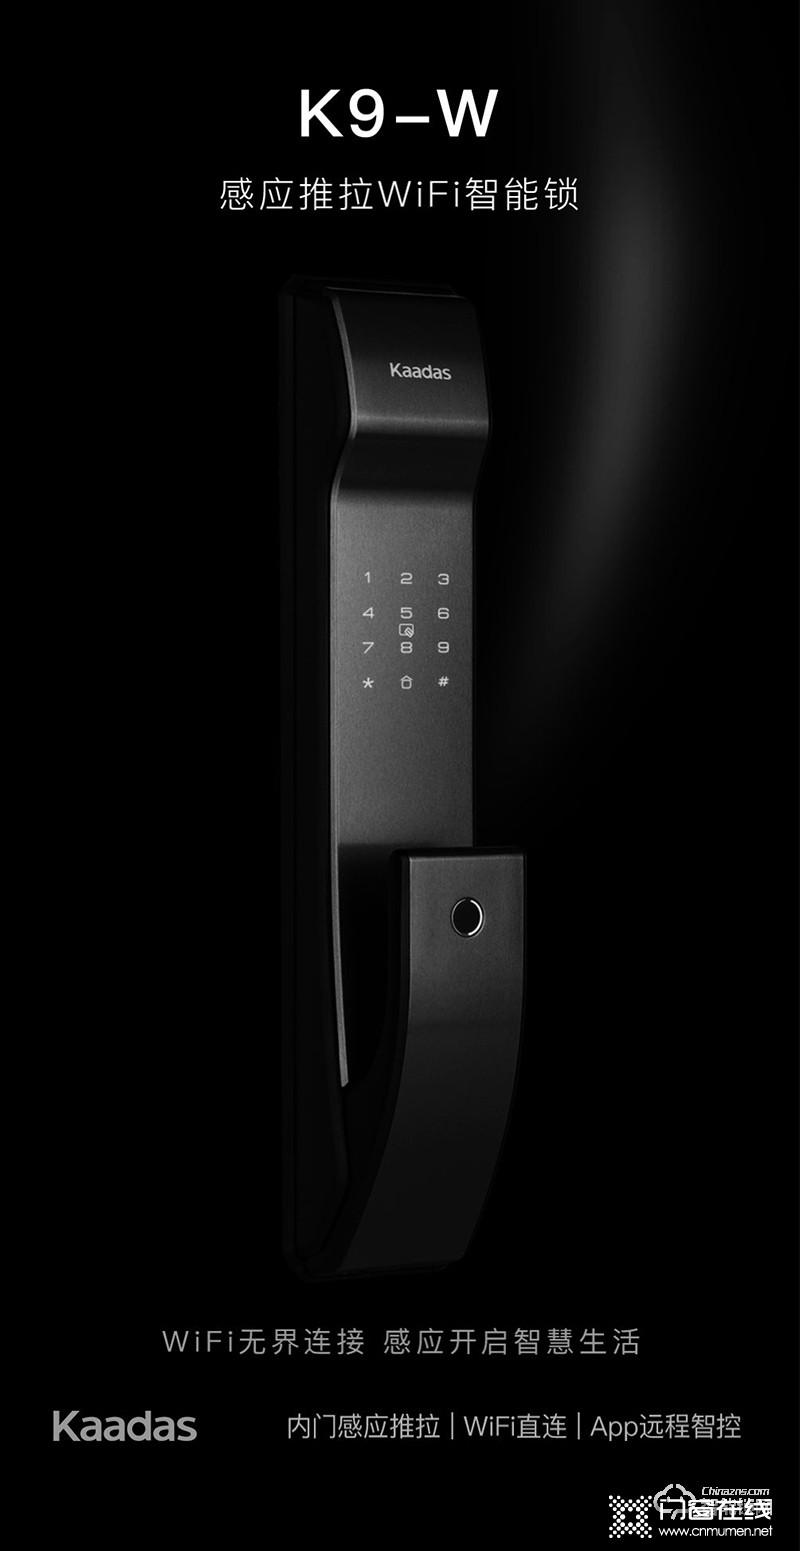 凯迪仕智能锁 K9-W推拉式家用防盗门锁指纹锁密码锁.jpg